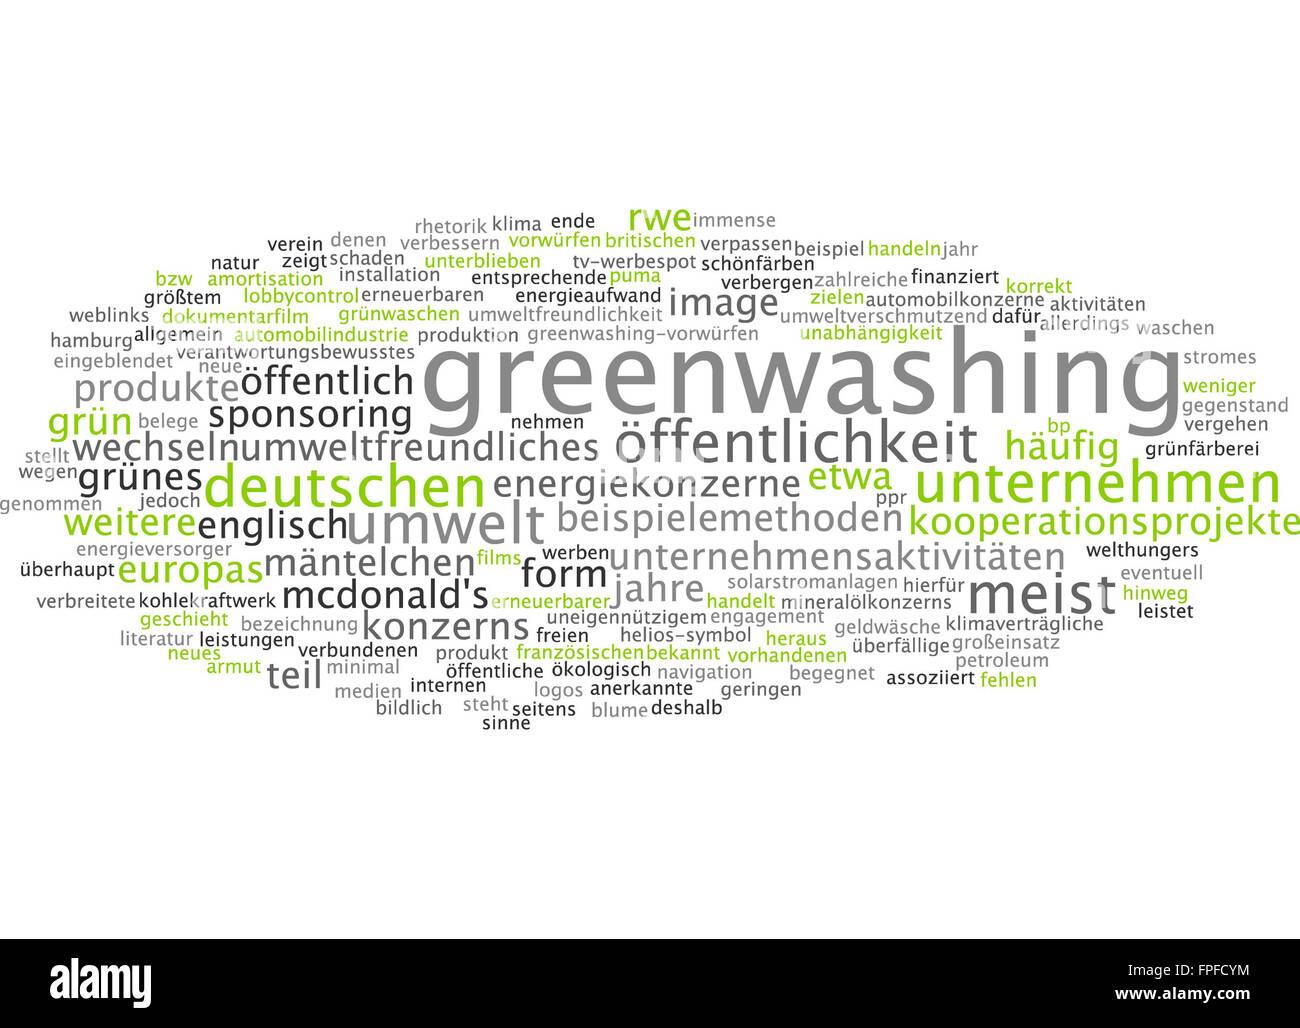 Umweltfreundlichkeit Stock Photos & Umweltfreundlichkeit Stock ...